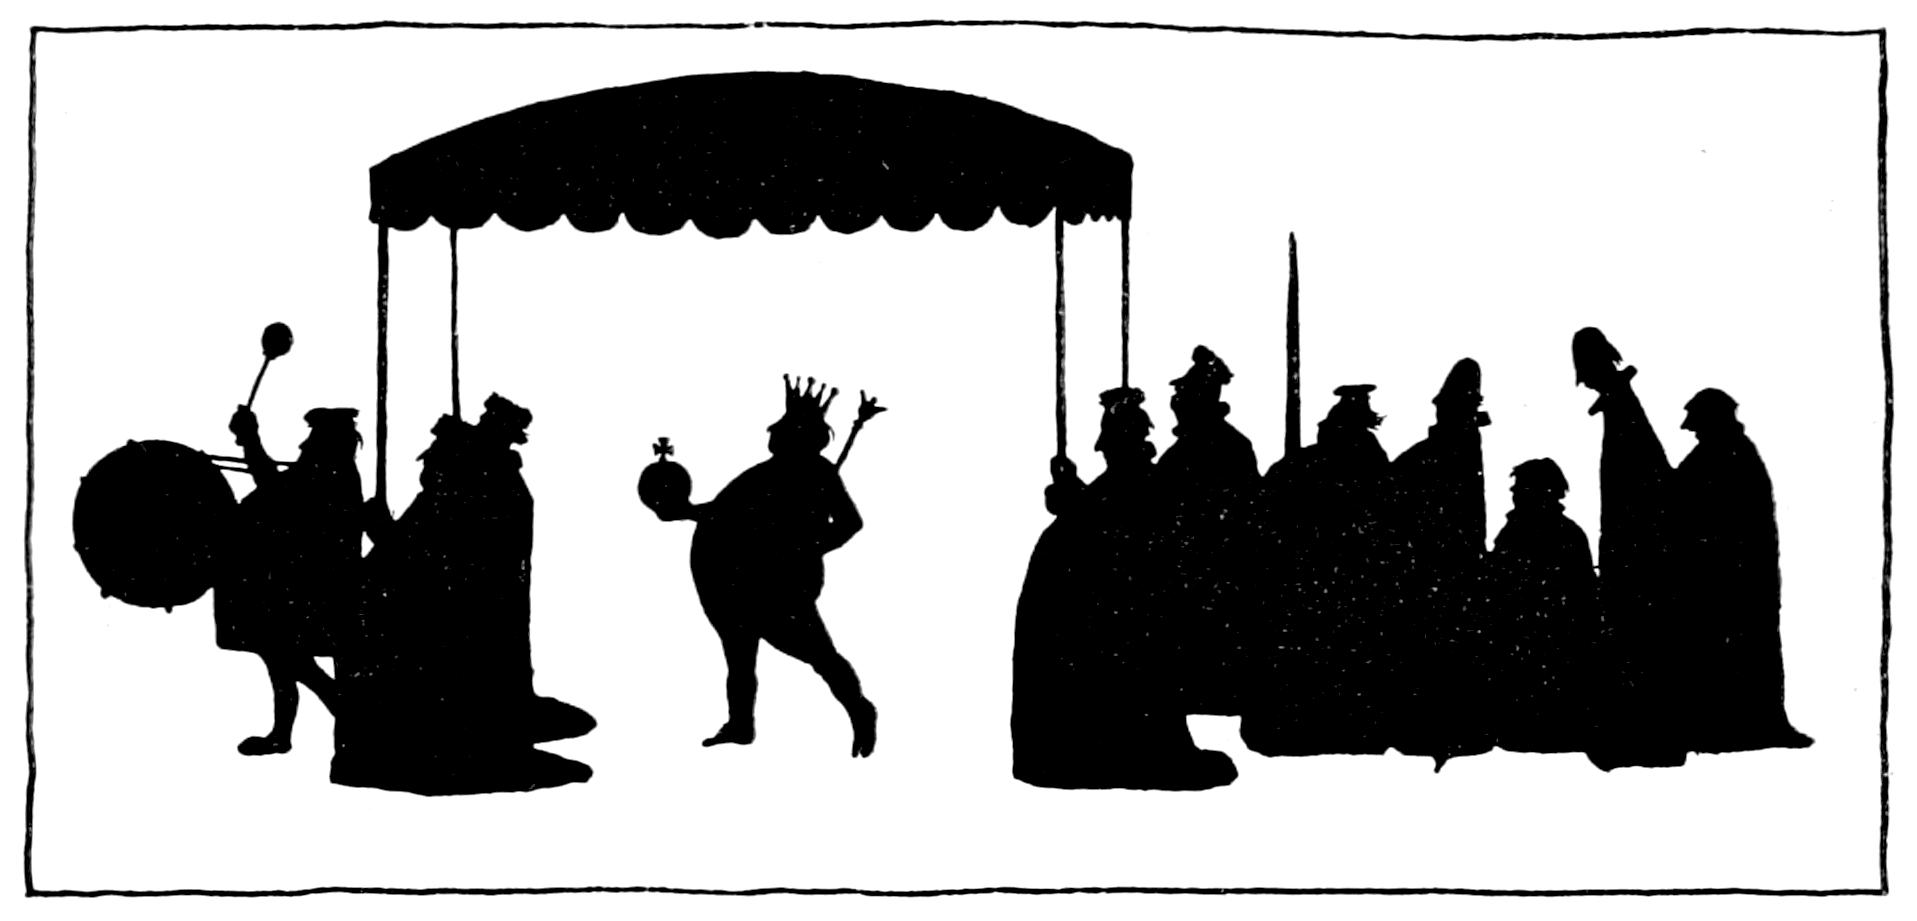 Ena izmed bolj znanih Andersenovih pravljic je zagotovo Cesarjeva nova oblačila.